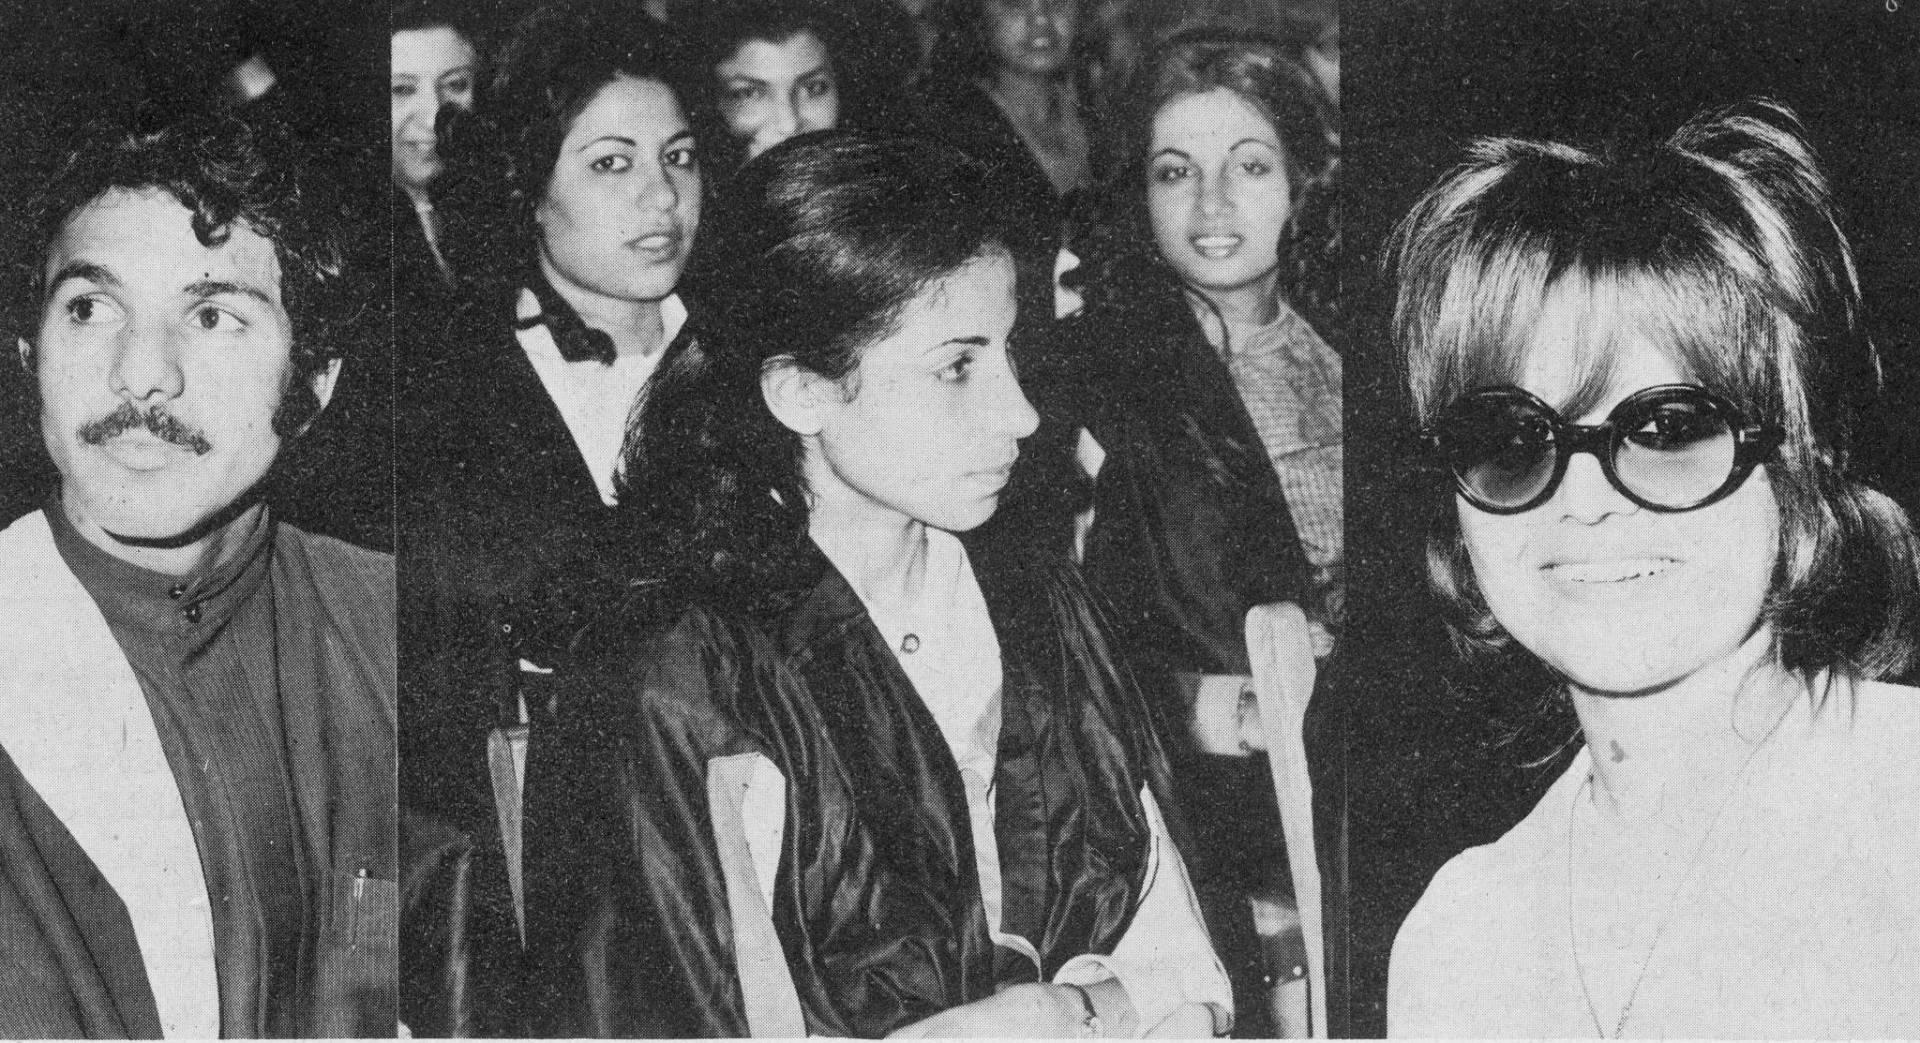 من اليمين السيدة نبيهة الغربللي، والسيدة آمال حسن العشماوي، والطالب خالد سالم العلي.. أرشيفية